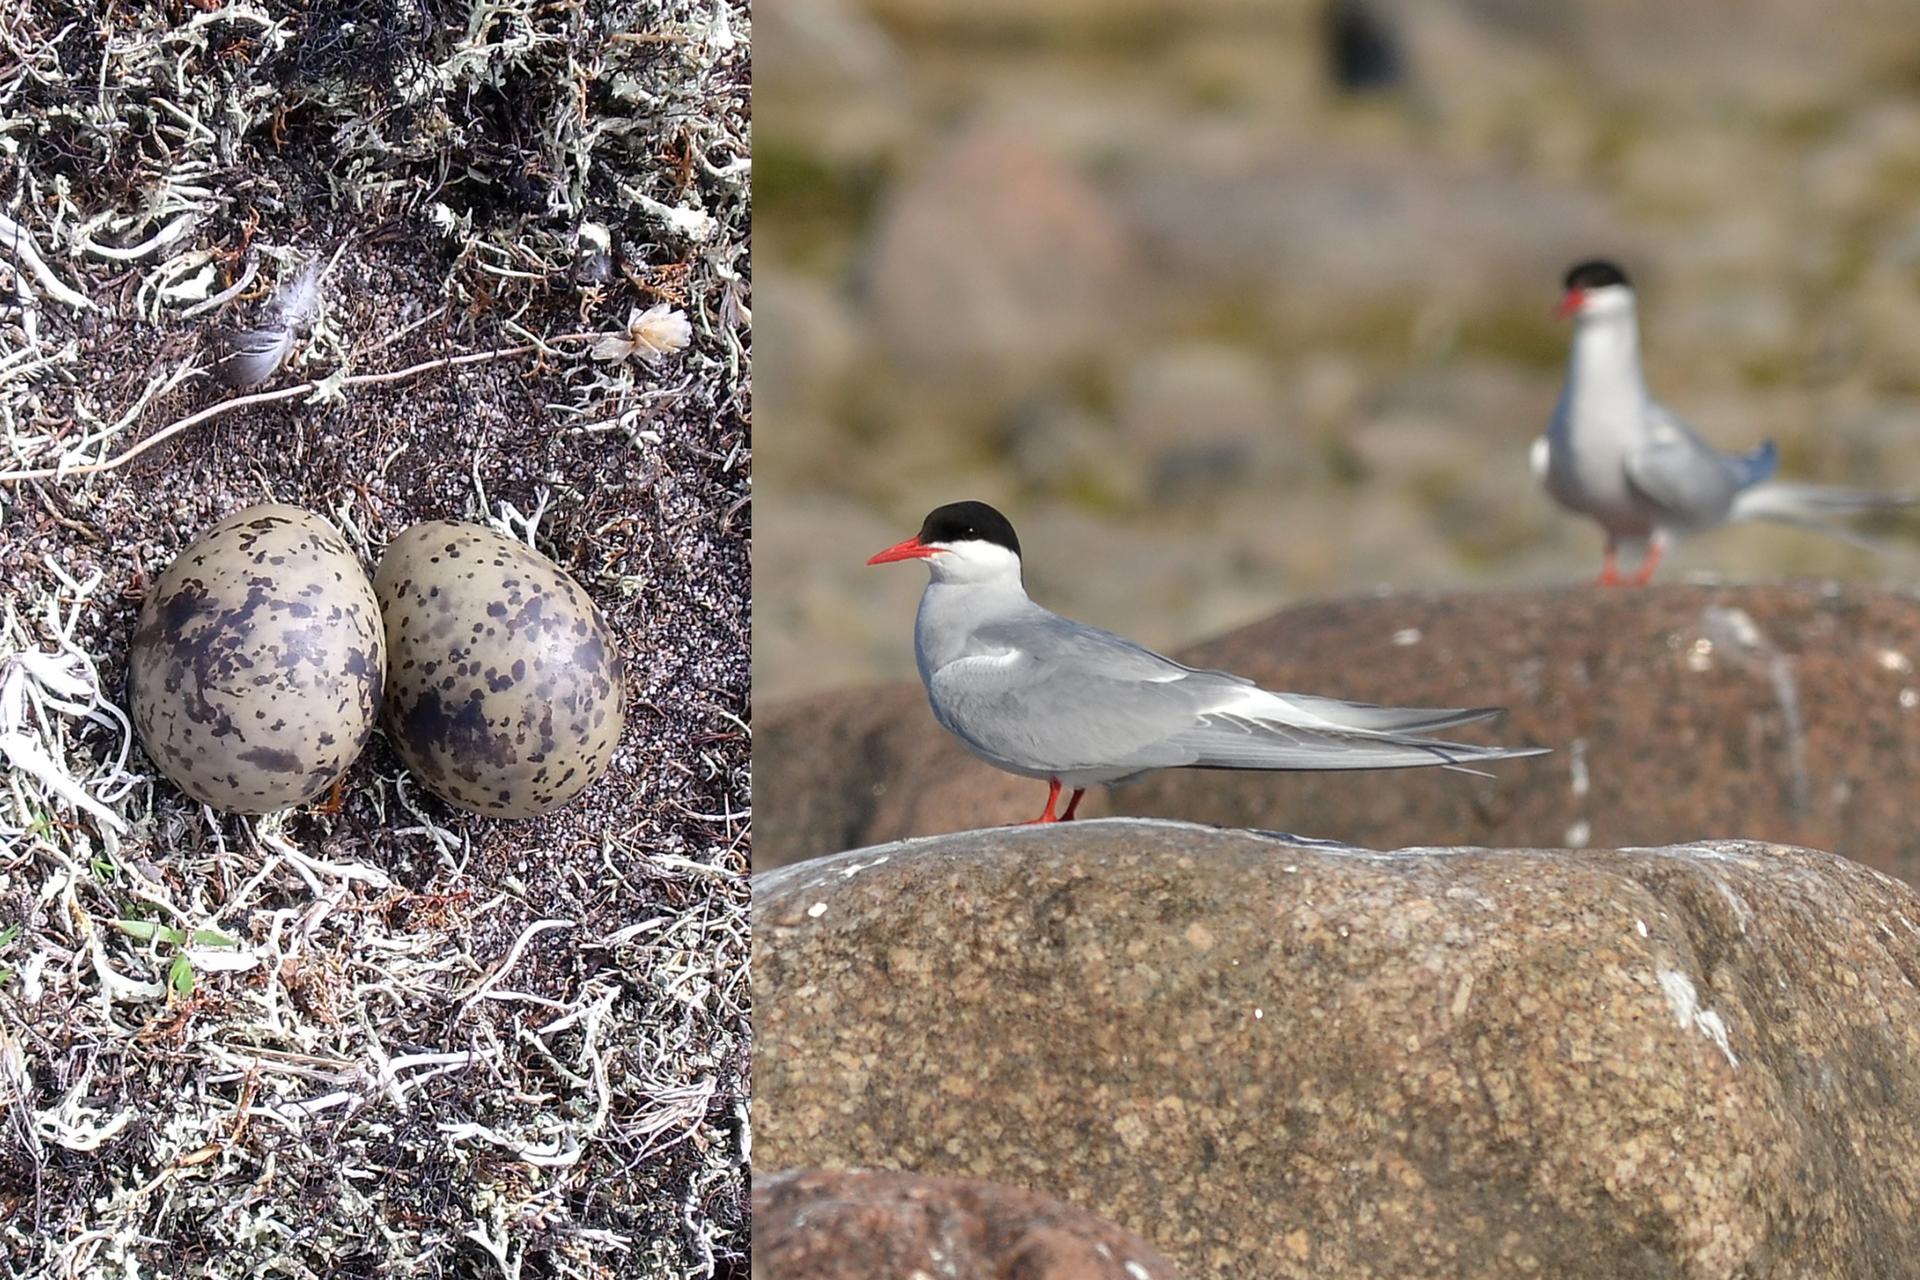 Dwie fotografie. Po lewej stronie fragment gniazda rybitwy popielatej zdwoma szarymi nakrapianymi jajami. Obok zdjęcie dwóch rybitw popielatych stojących na kamieniach. Każda ma czerwony dziób inogi.